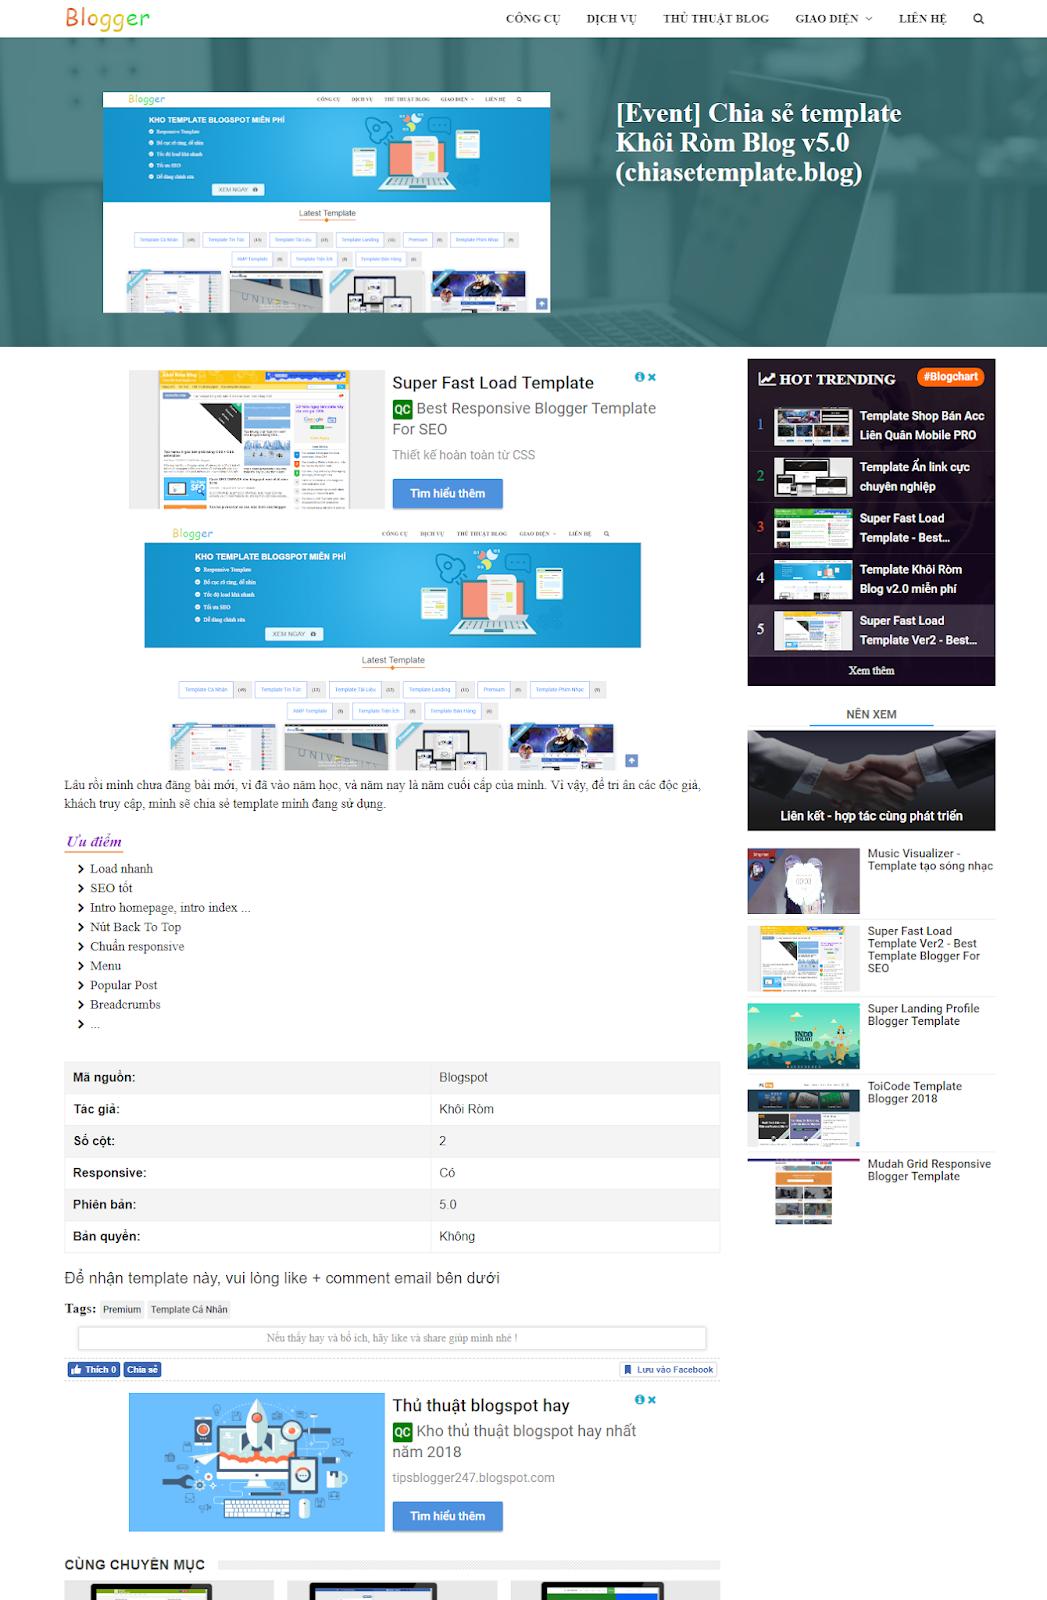 Chia sẻ Template Blogspot Khôi Ròm V5.0 mới nhất - Ảnh 2